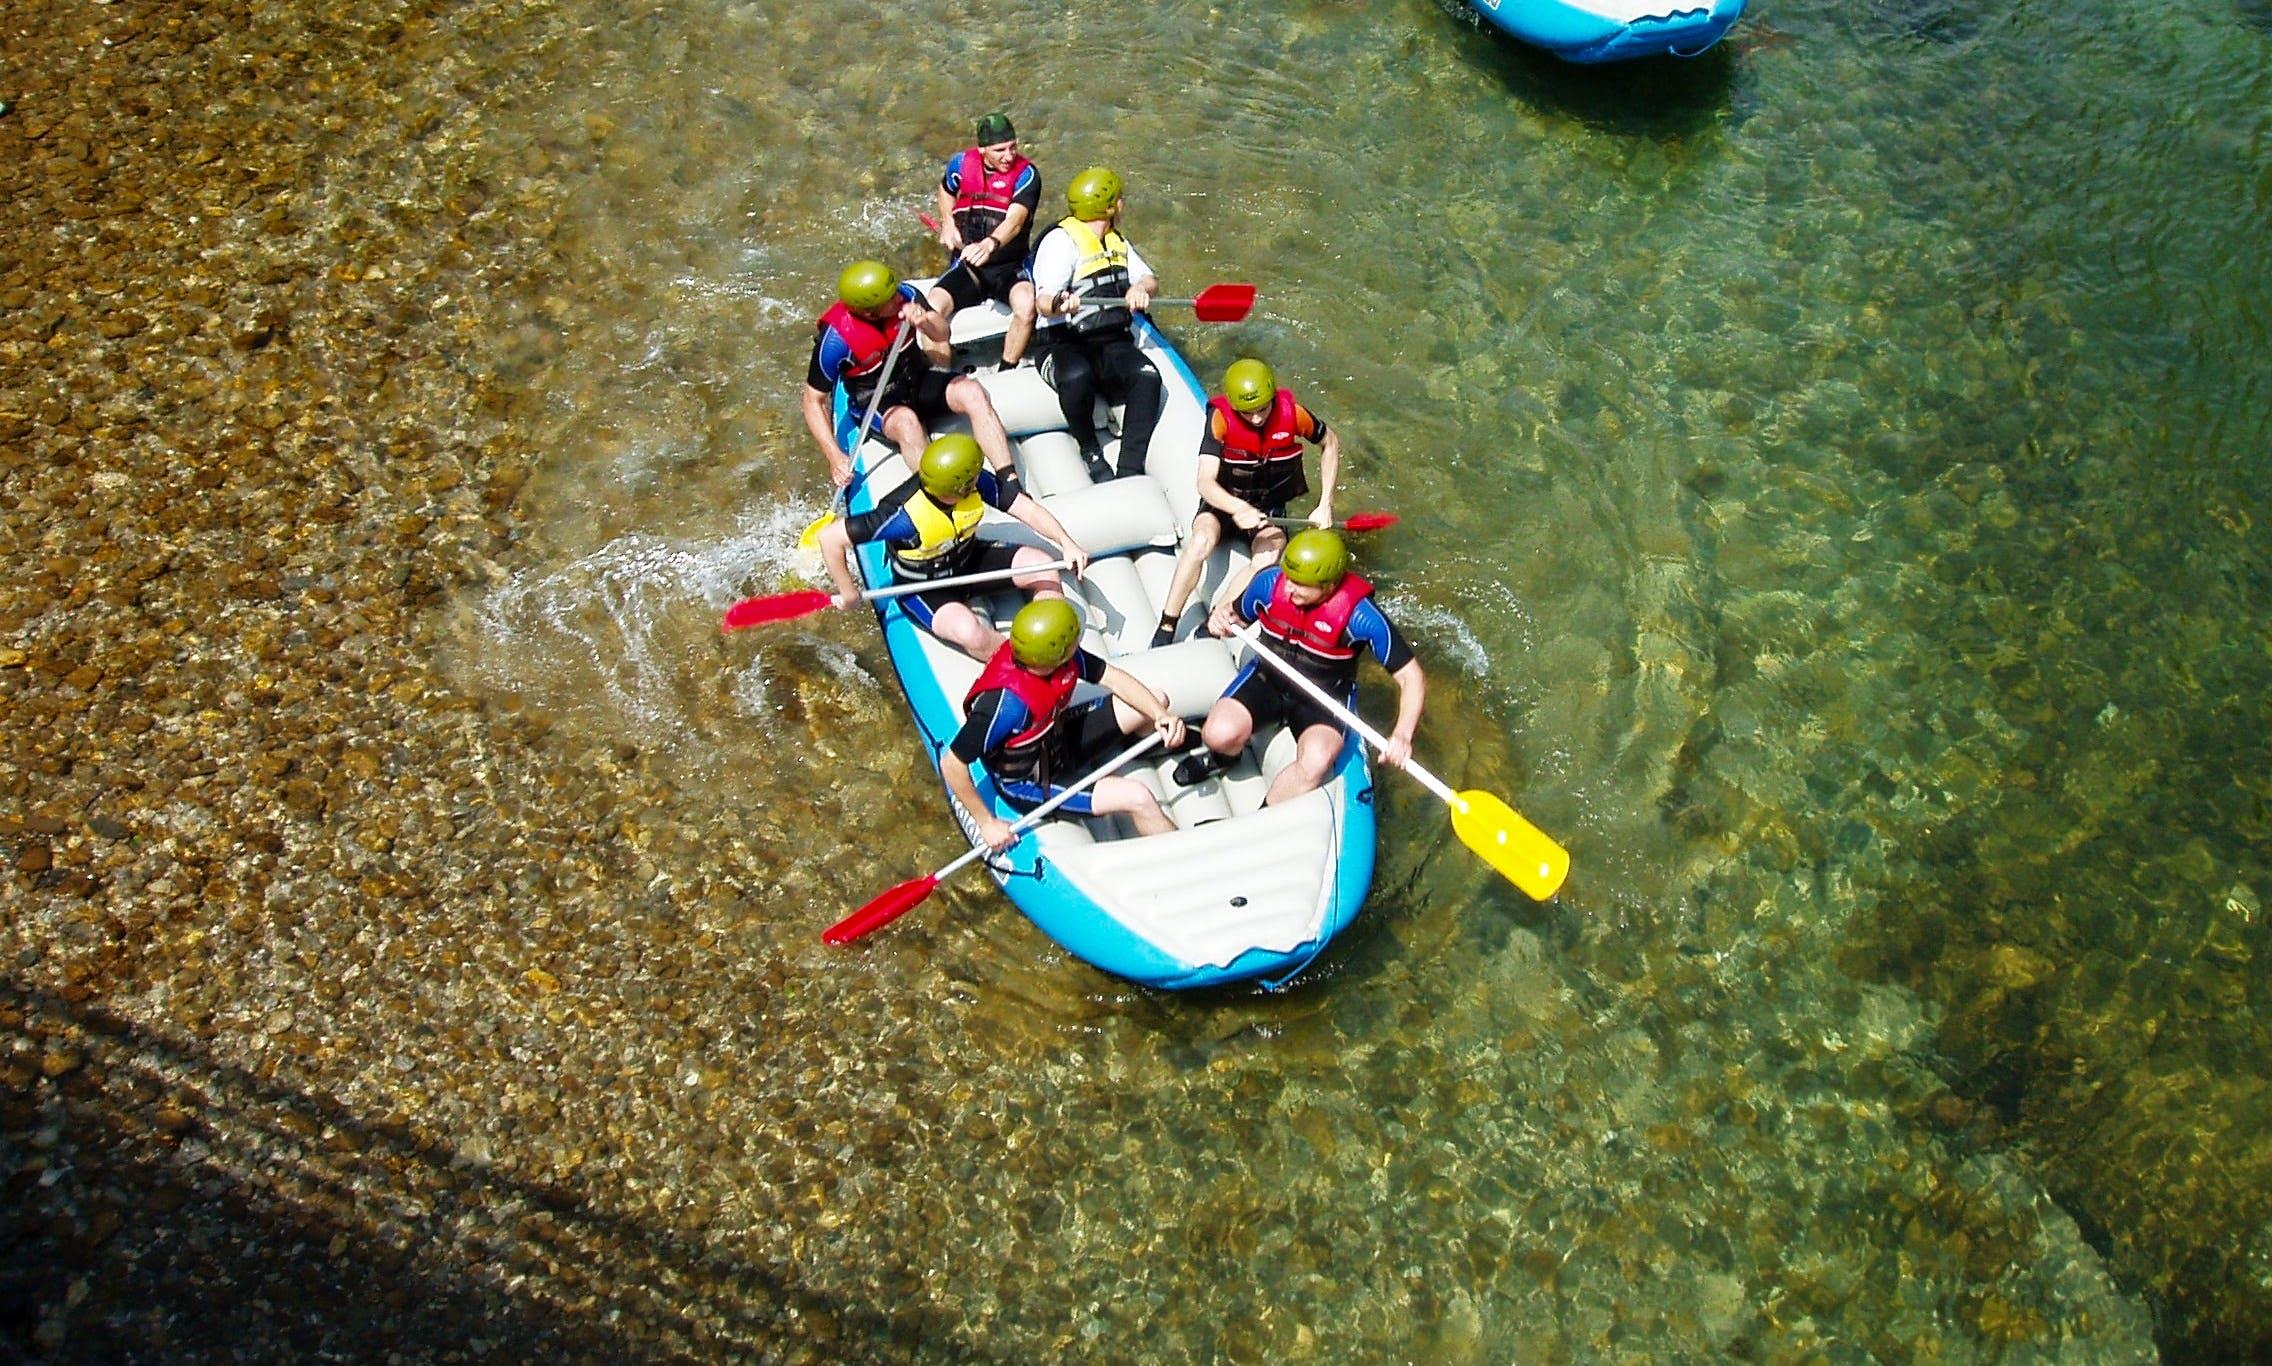 White Water Rafting On Kupa River - Brod na Kupi, Croatia